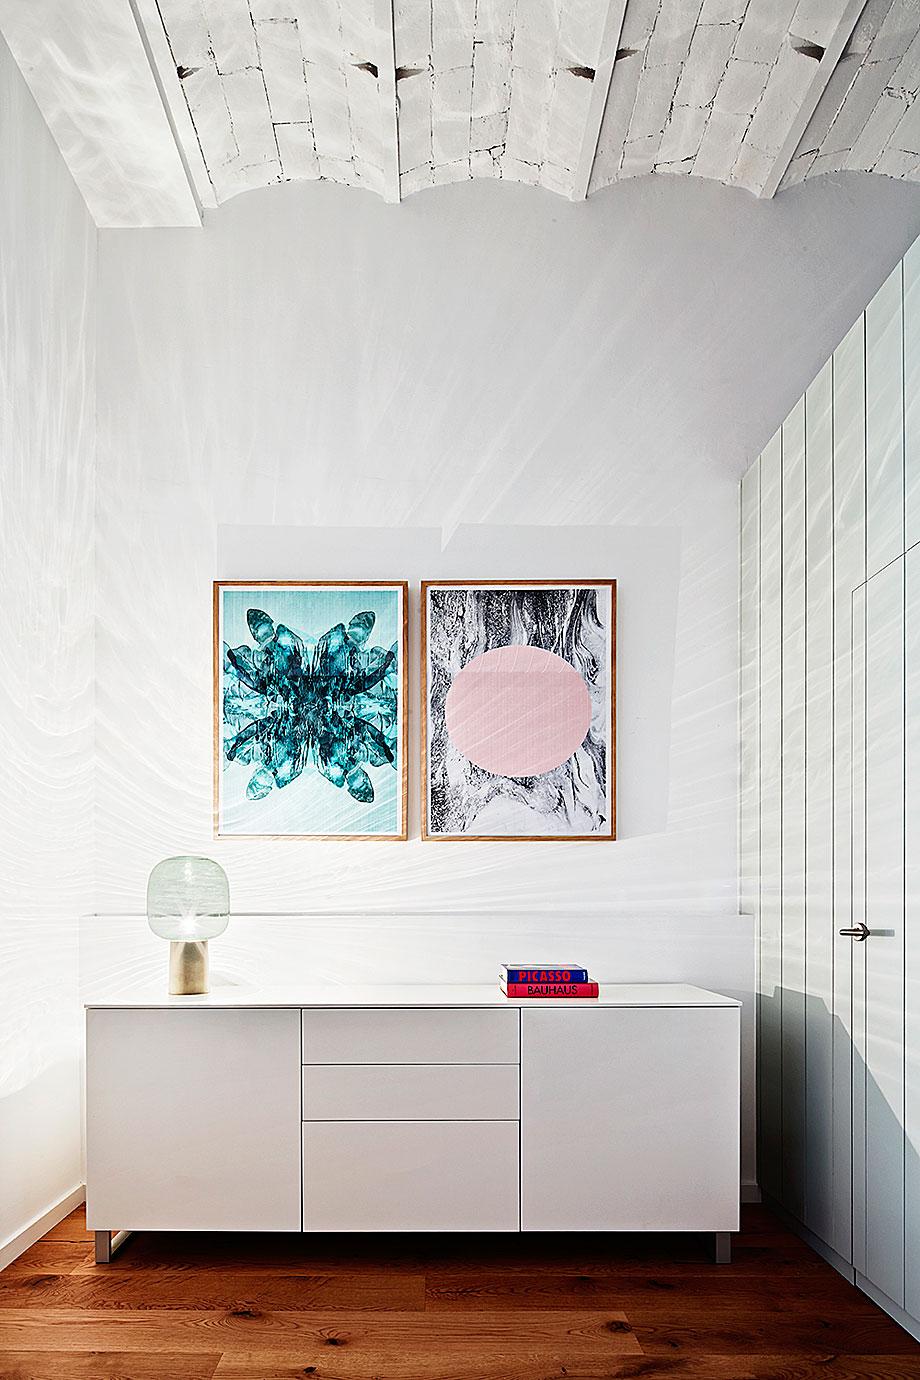 vivienda-caspe-barcelona-bonba-studio (1)